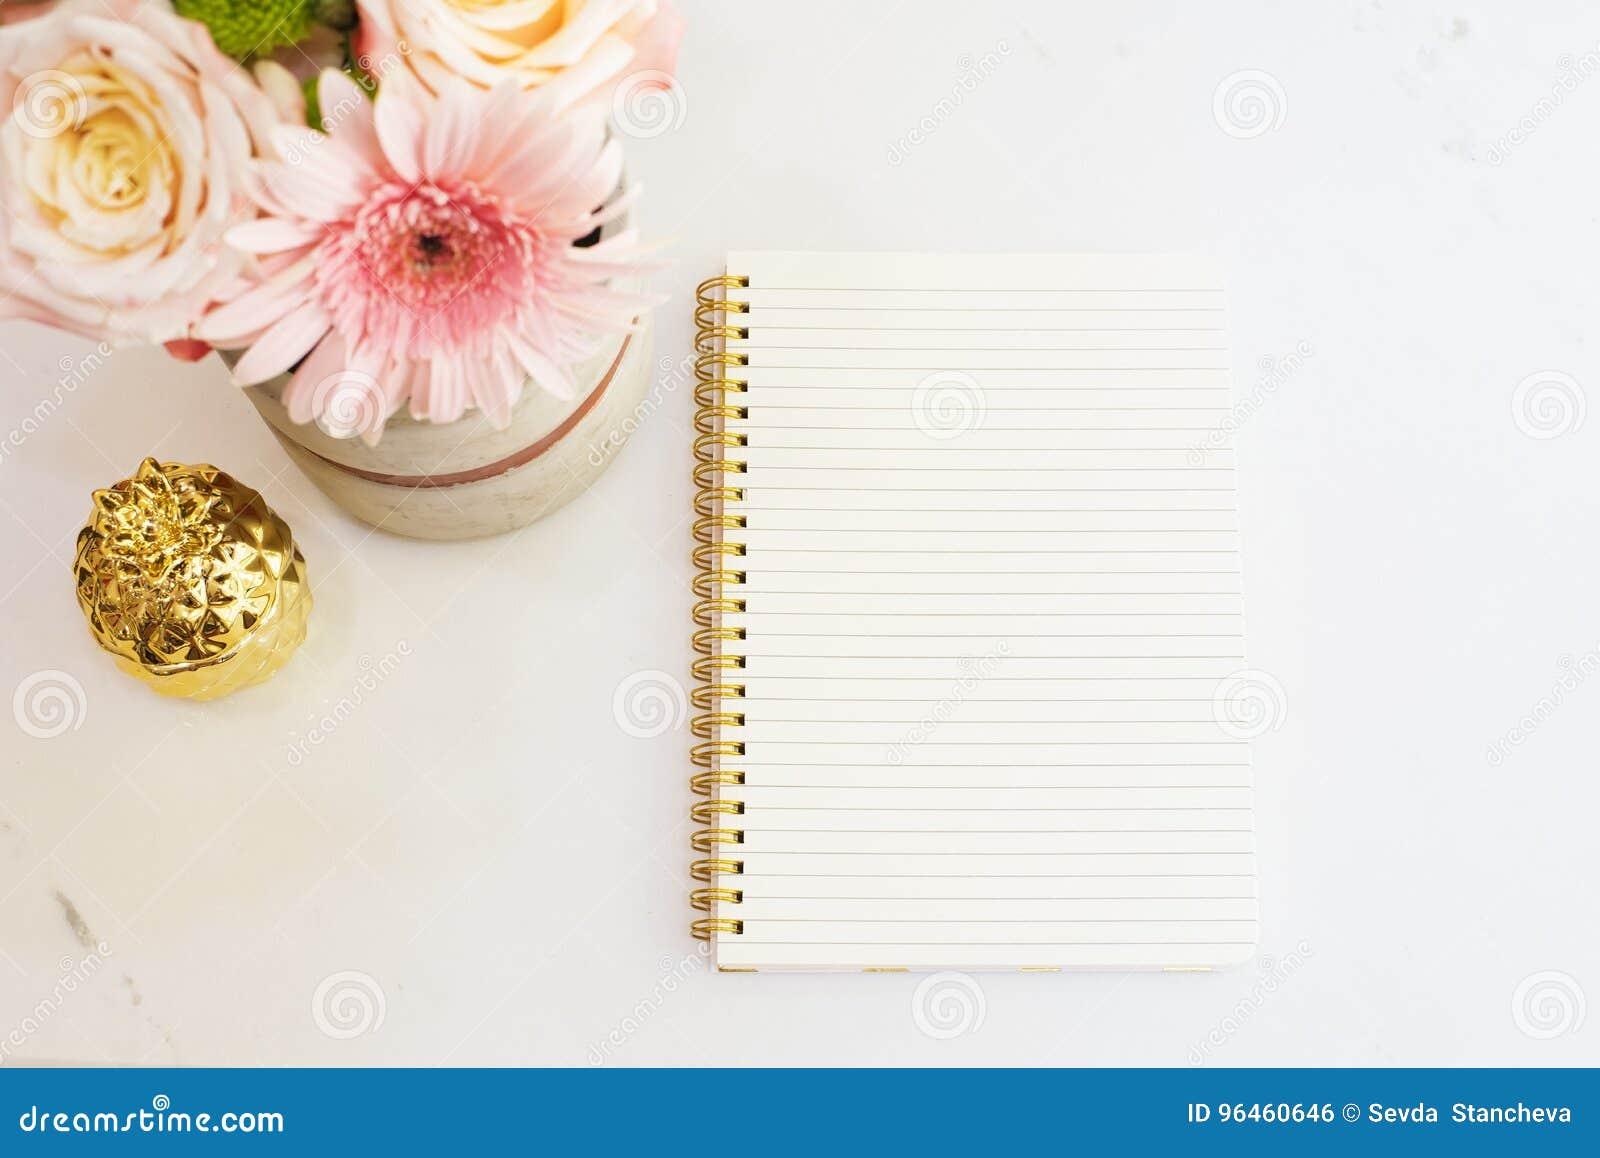 El concepto femenino del lugar de trabajo en plano pone el estilo con las flores, piña de oro, cuaderno en el fondo de mármol bla